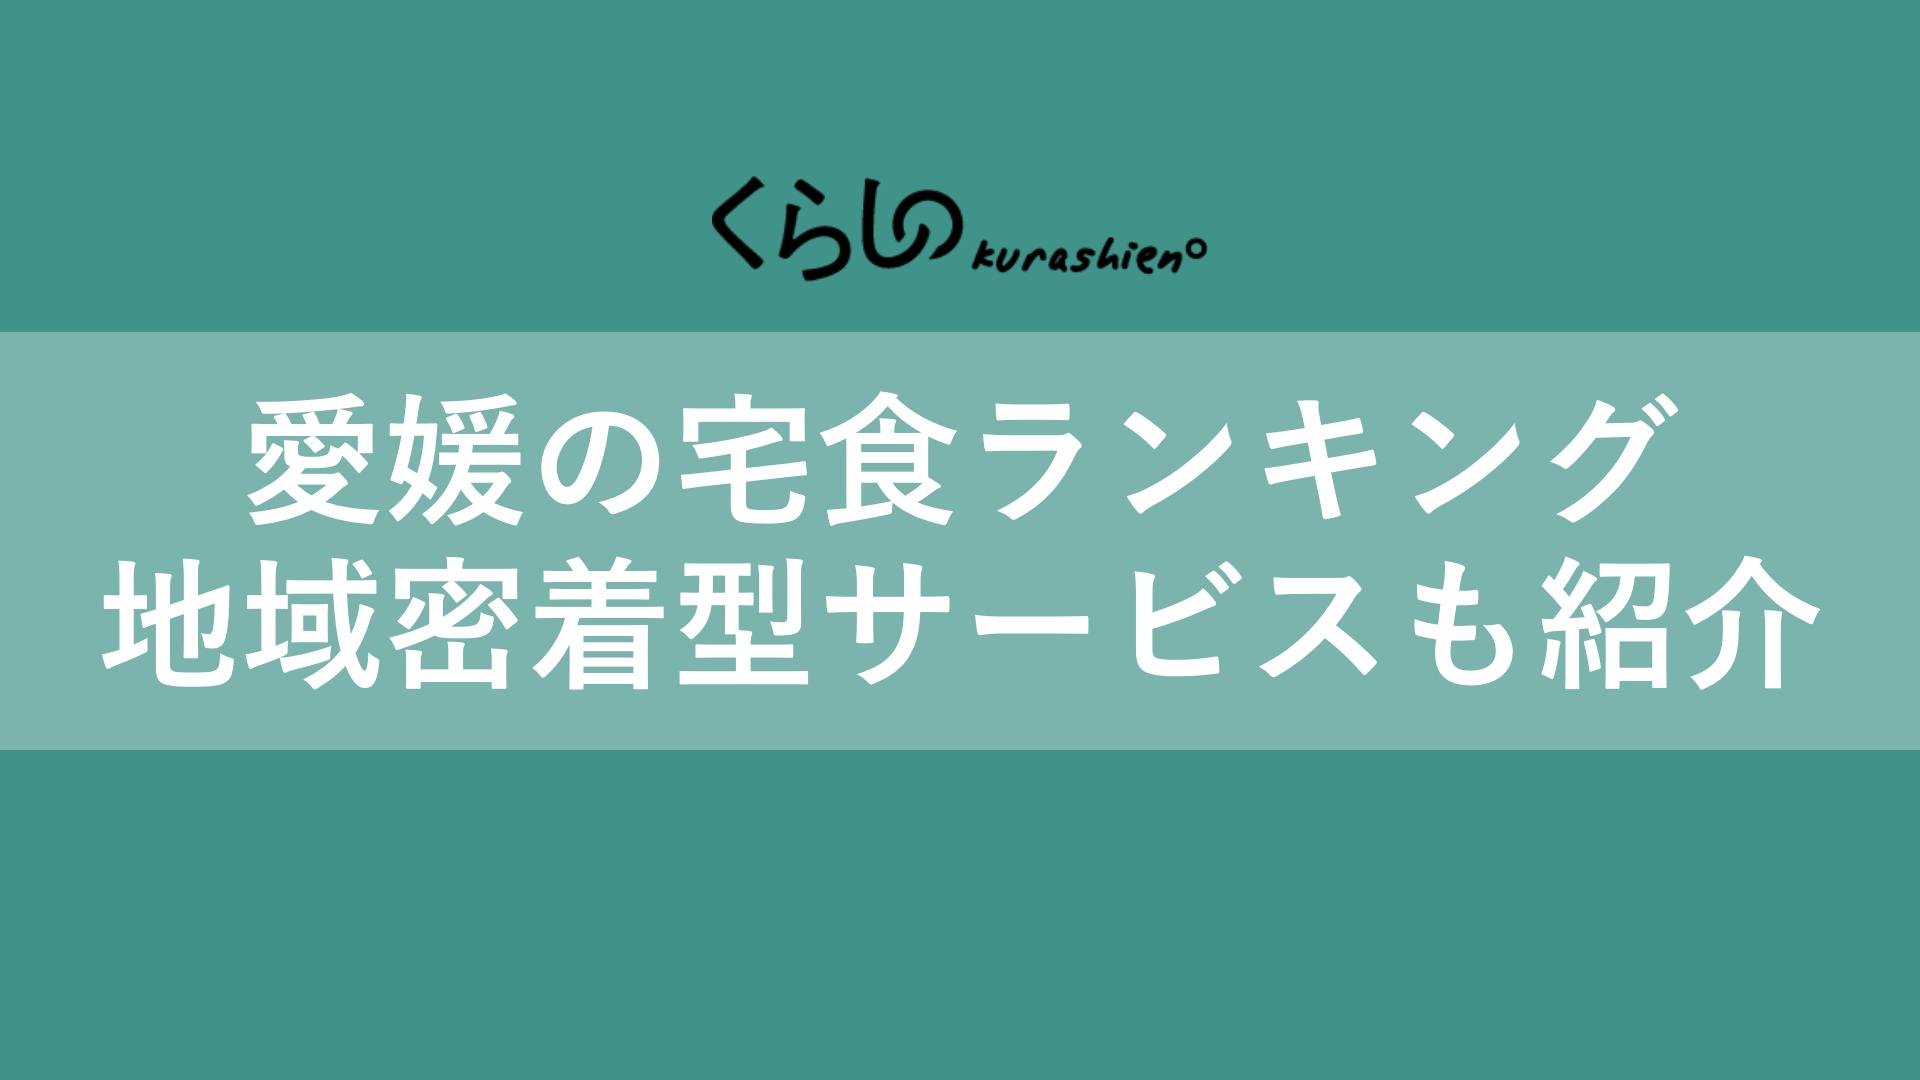 愛媛県の宅食サービス・宅配弁当おすすめランキング!地域密着型サービスも紹介